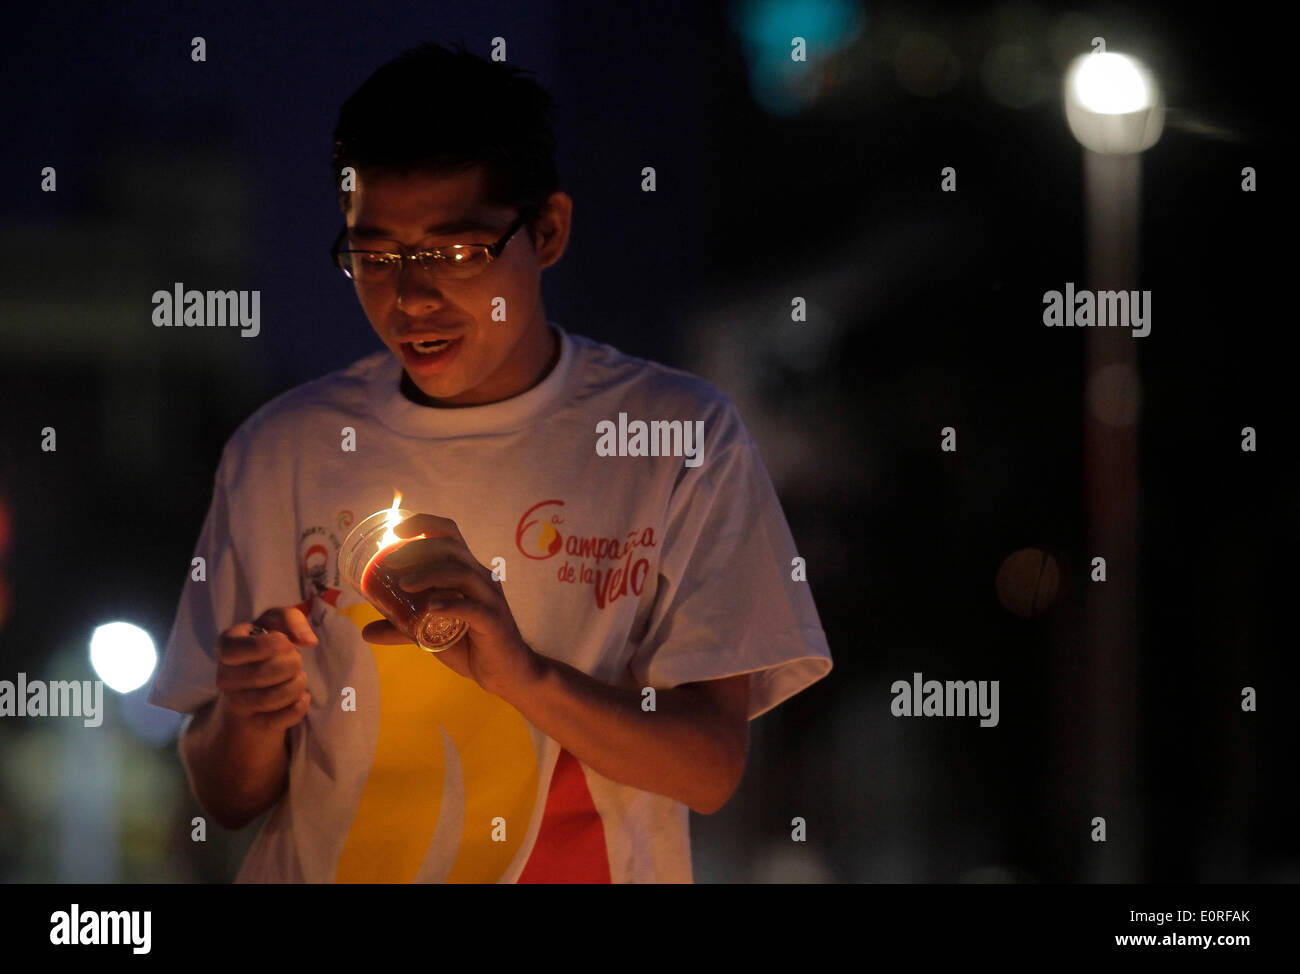 San Salvador El Salvador. 18 Maggio, 2014. Un residente accende una candela durante una commemorazione di persone morte di HIV/AIDS, in San Salvador, capitale di El Salvador, il 18 maggio 2014. Durante la commemorazione detenute da Atlacatl Vivo Asociation Positivo, 3.500 candele sono state accese al Divino Salvador del Mundo Square. © Oscar Rivera/Xinhua/Alamy Live News Immagini Stock